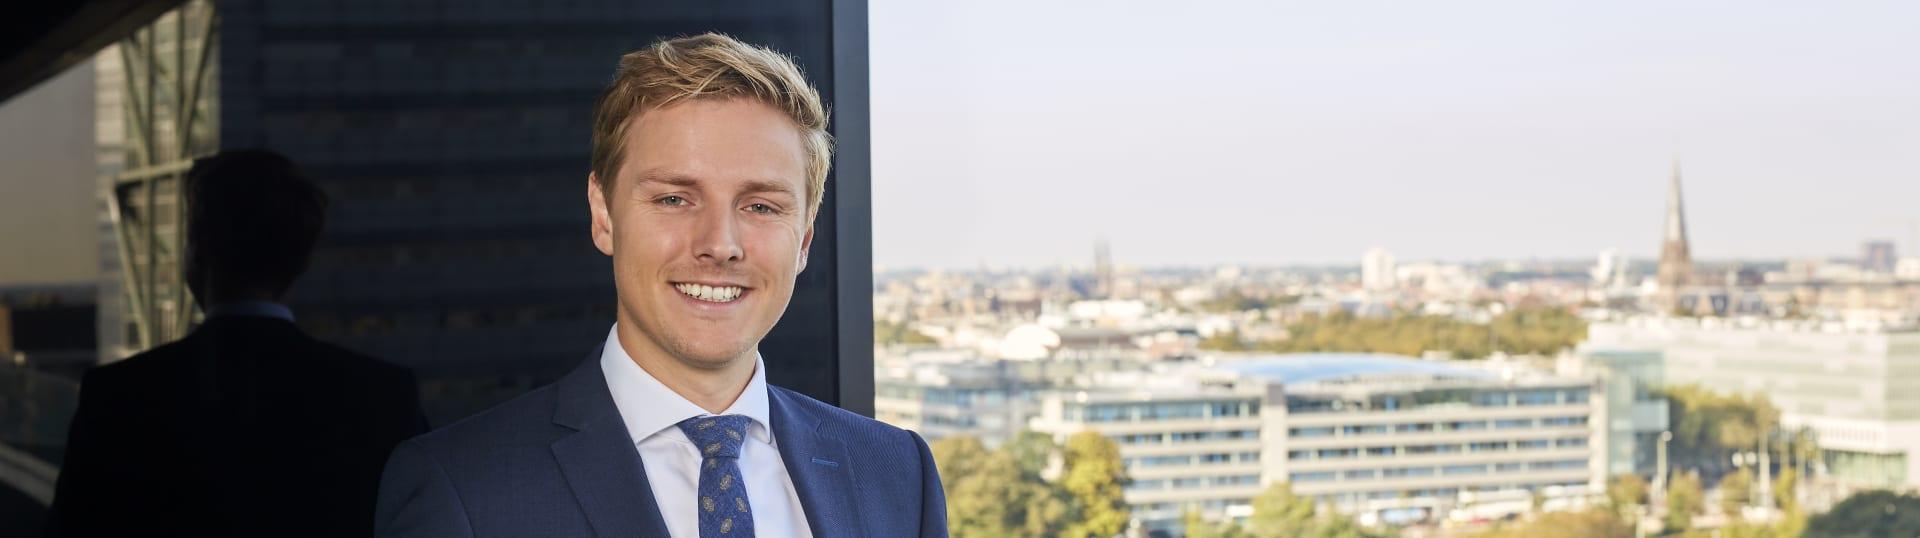 Ephraim Dekkers, advocaat Pels Rijcken